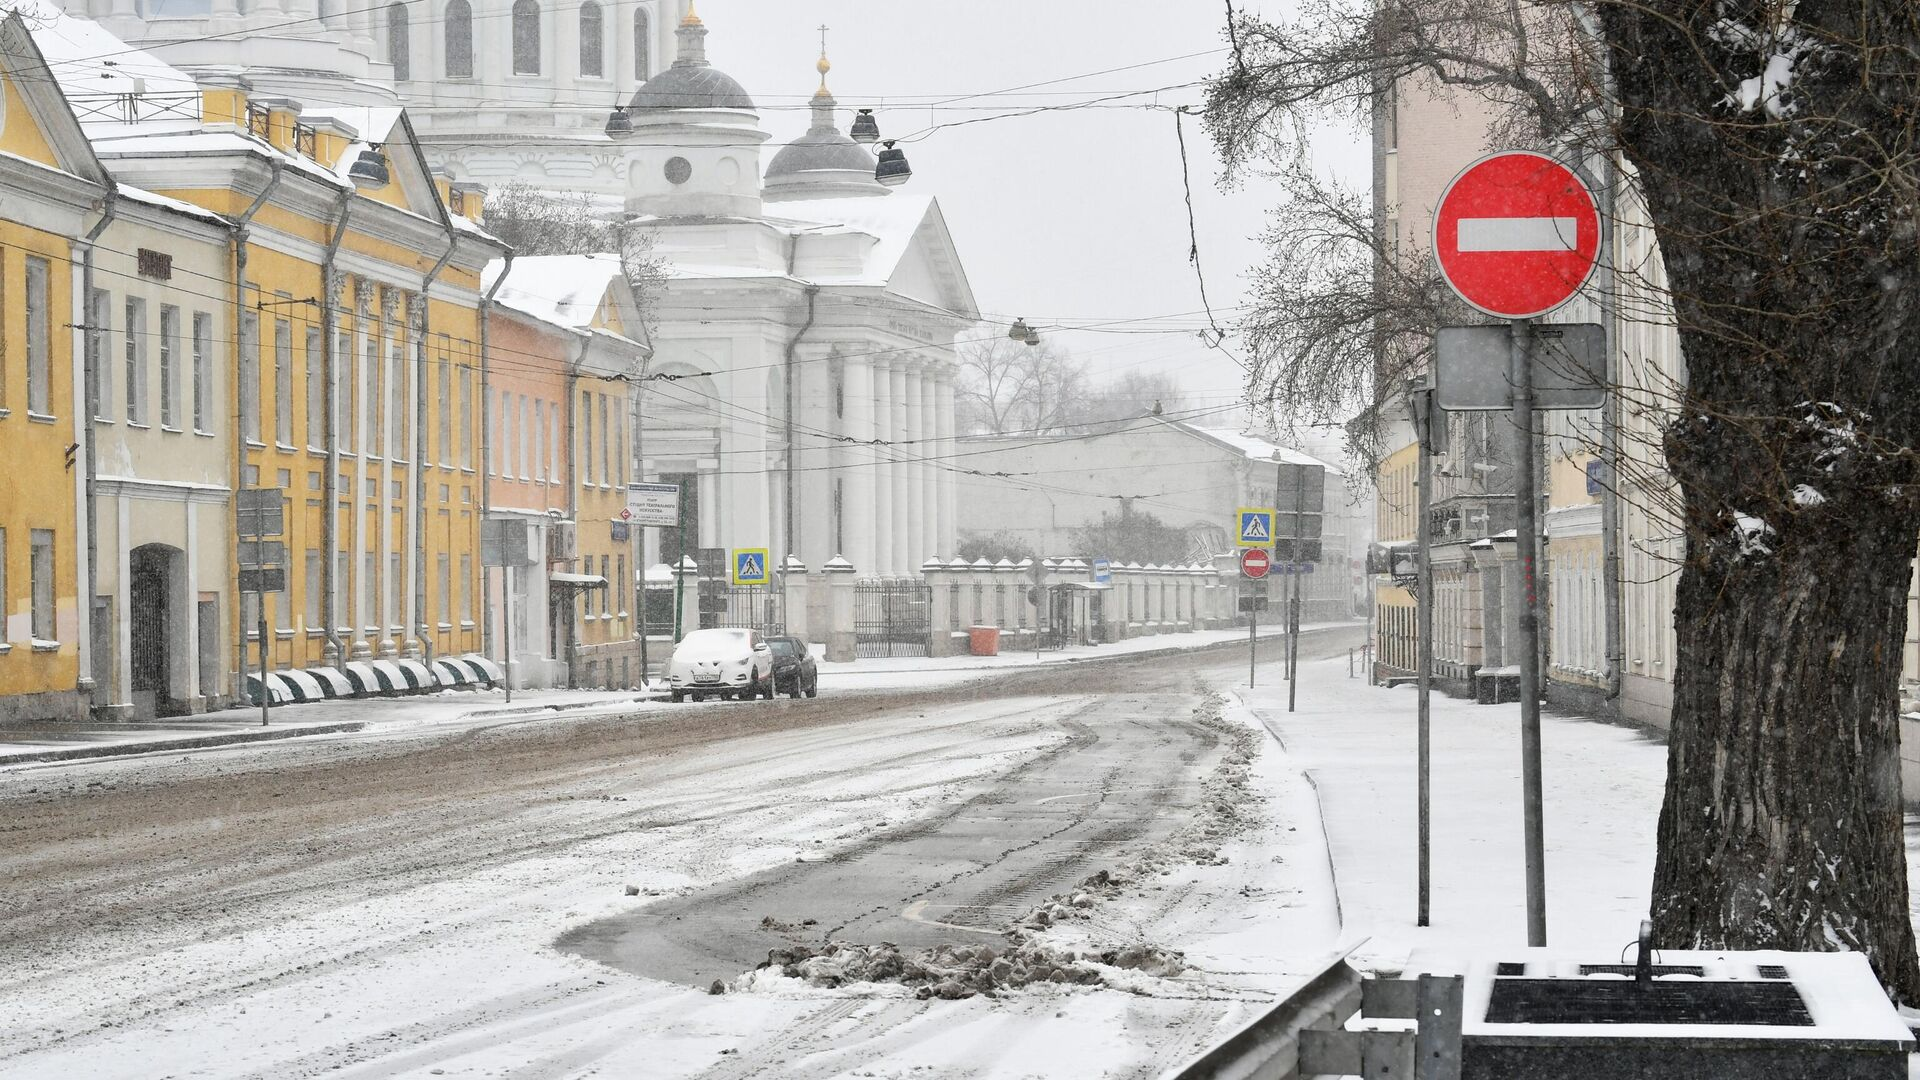 Улица Солженицына в Москве - РИА Новости, 1920, 02.03.2021